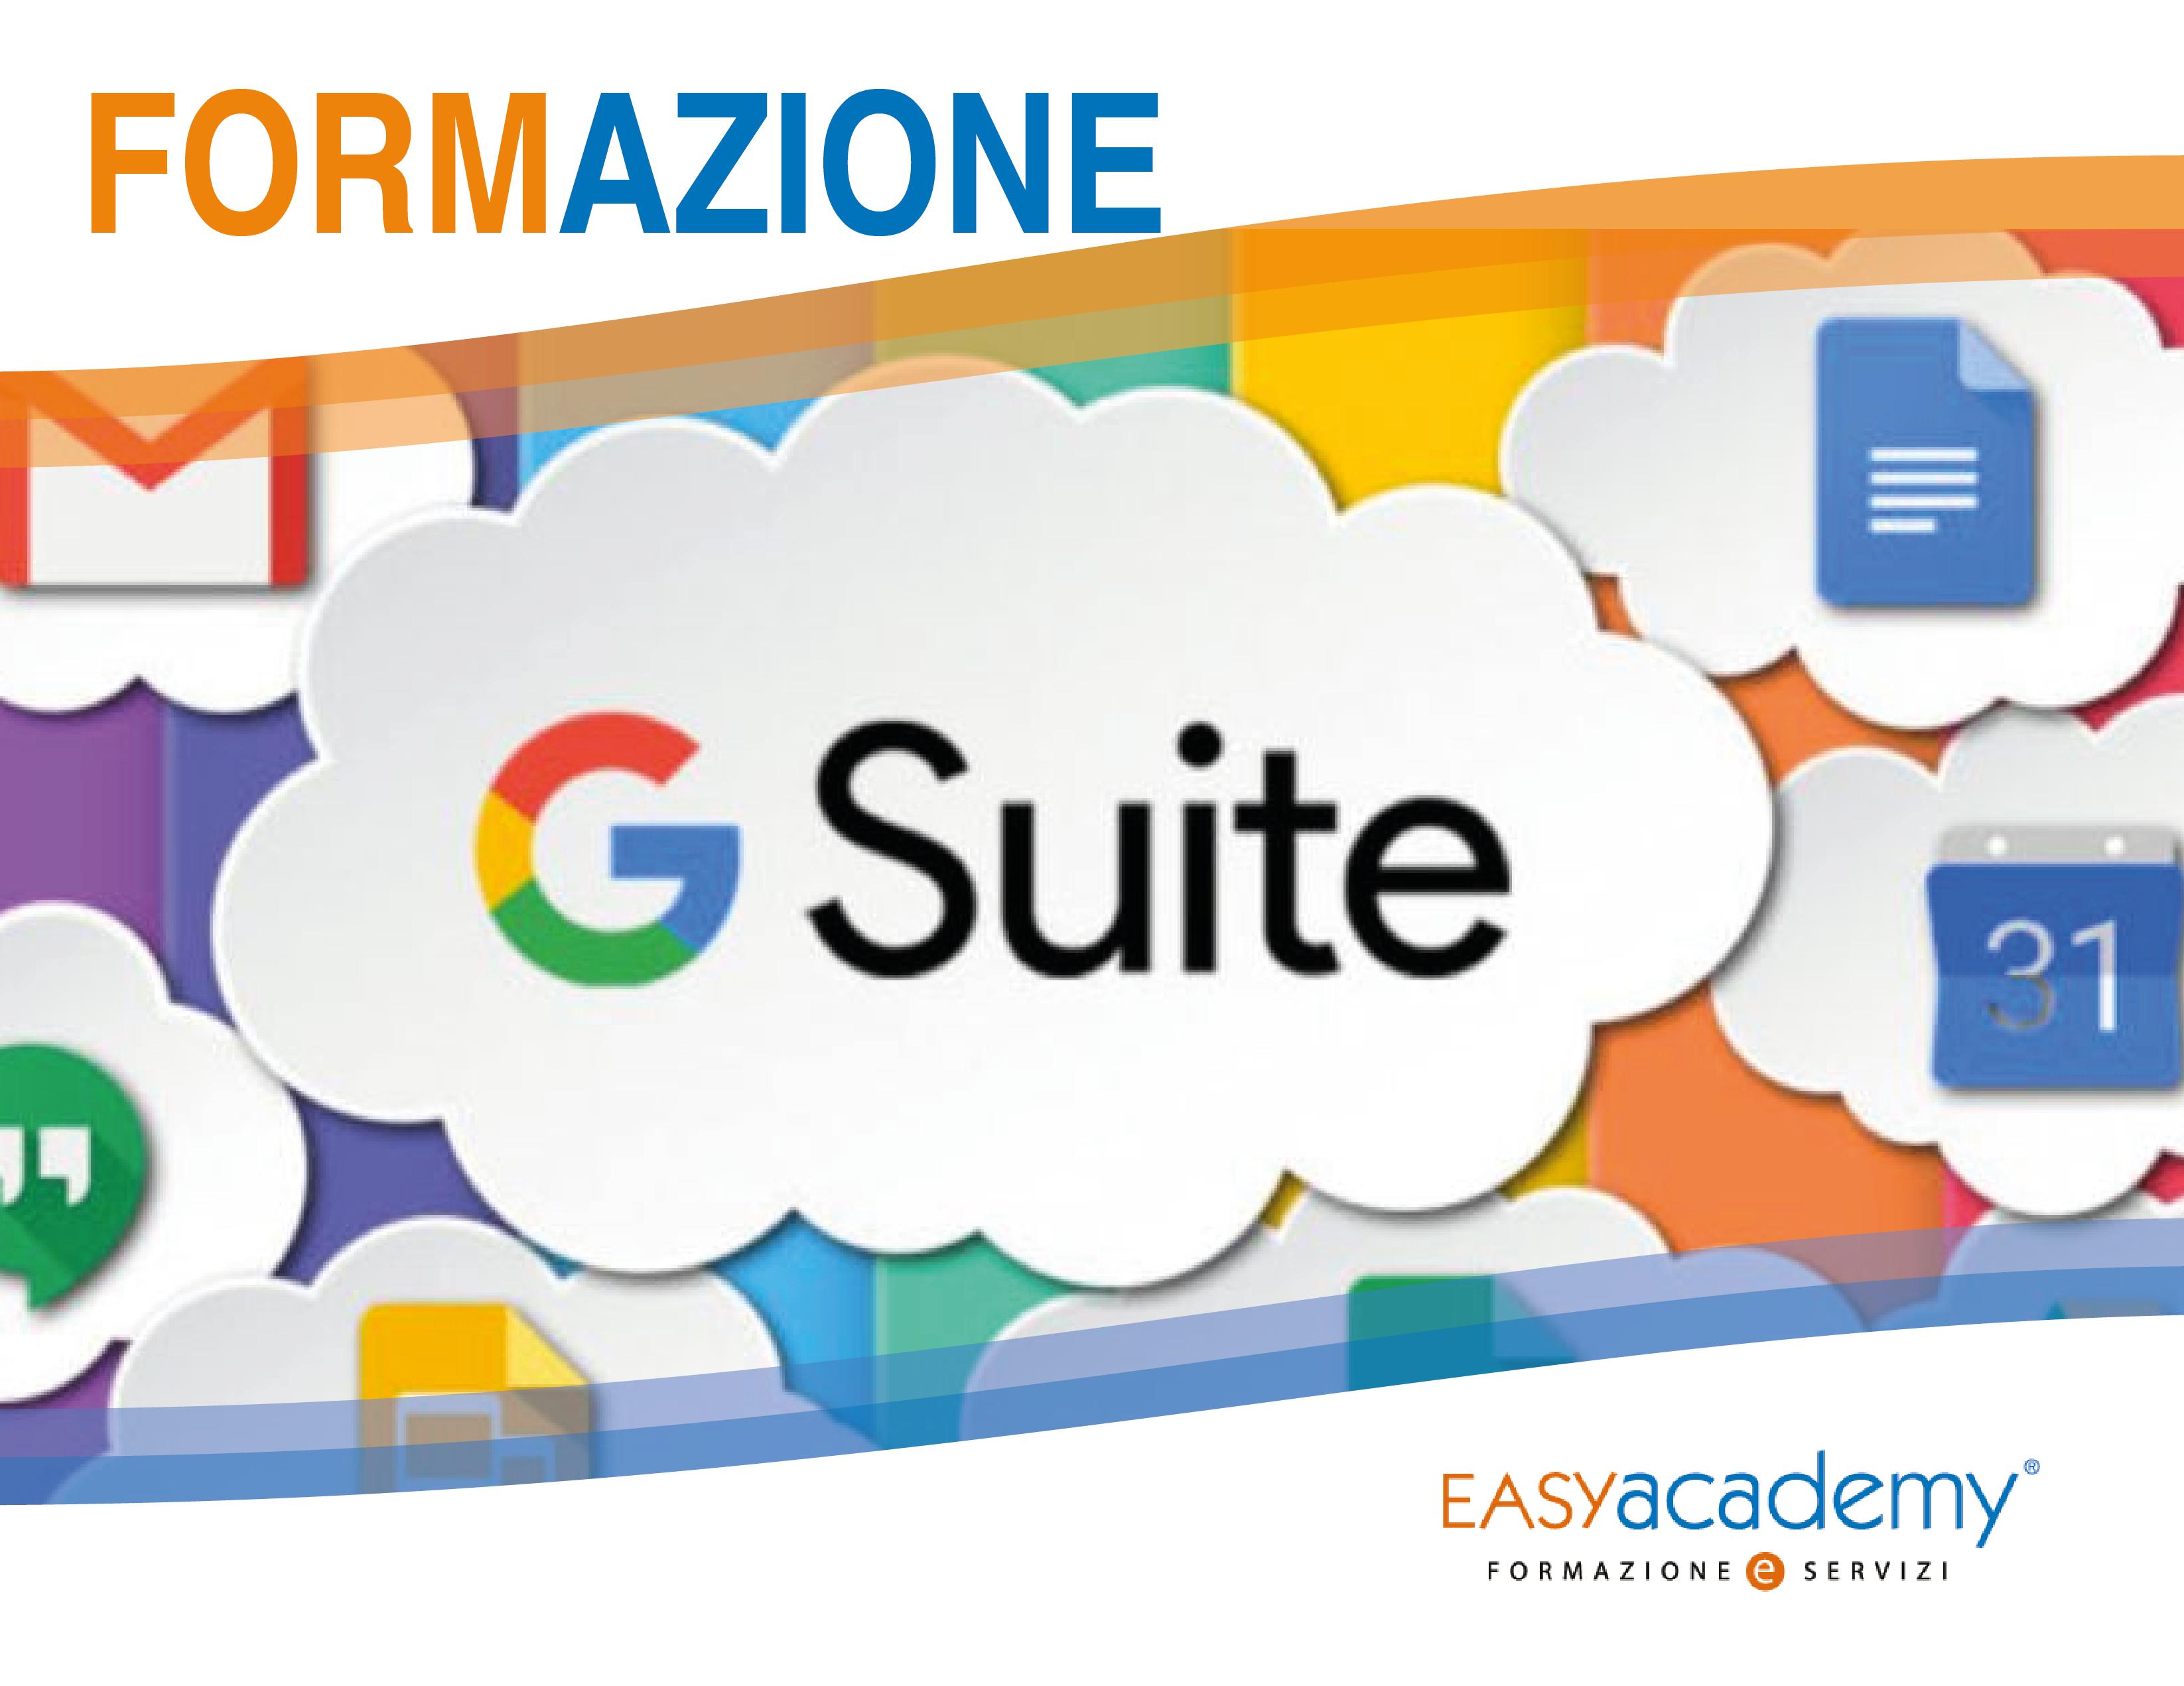 Corso G Suite: moltiplica produttività e risultati sfruttando gli strumenti aziendali di Google